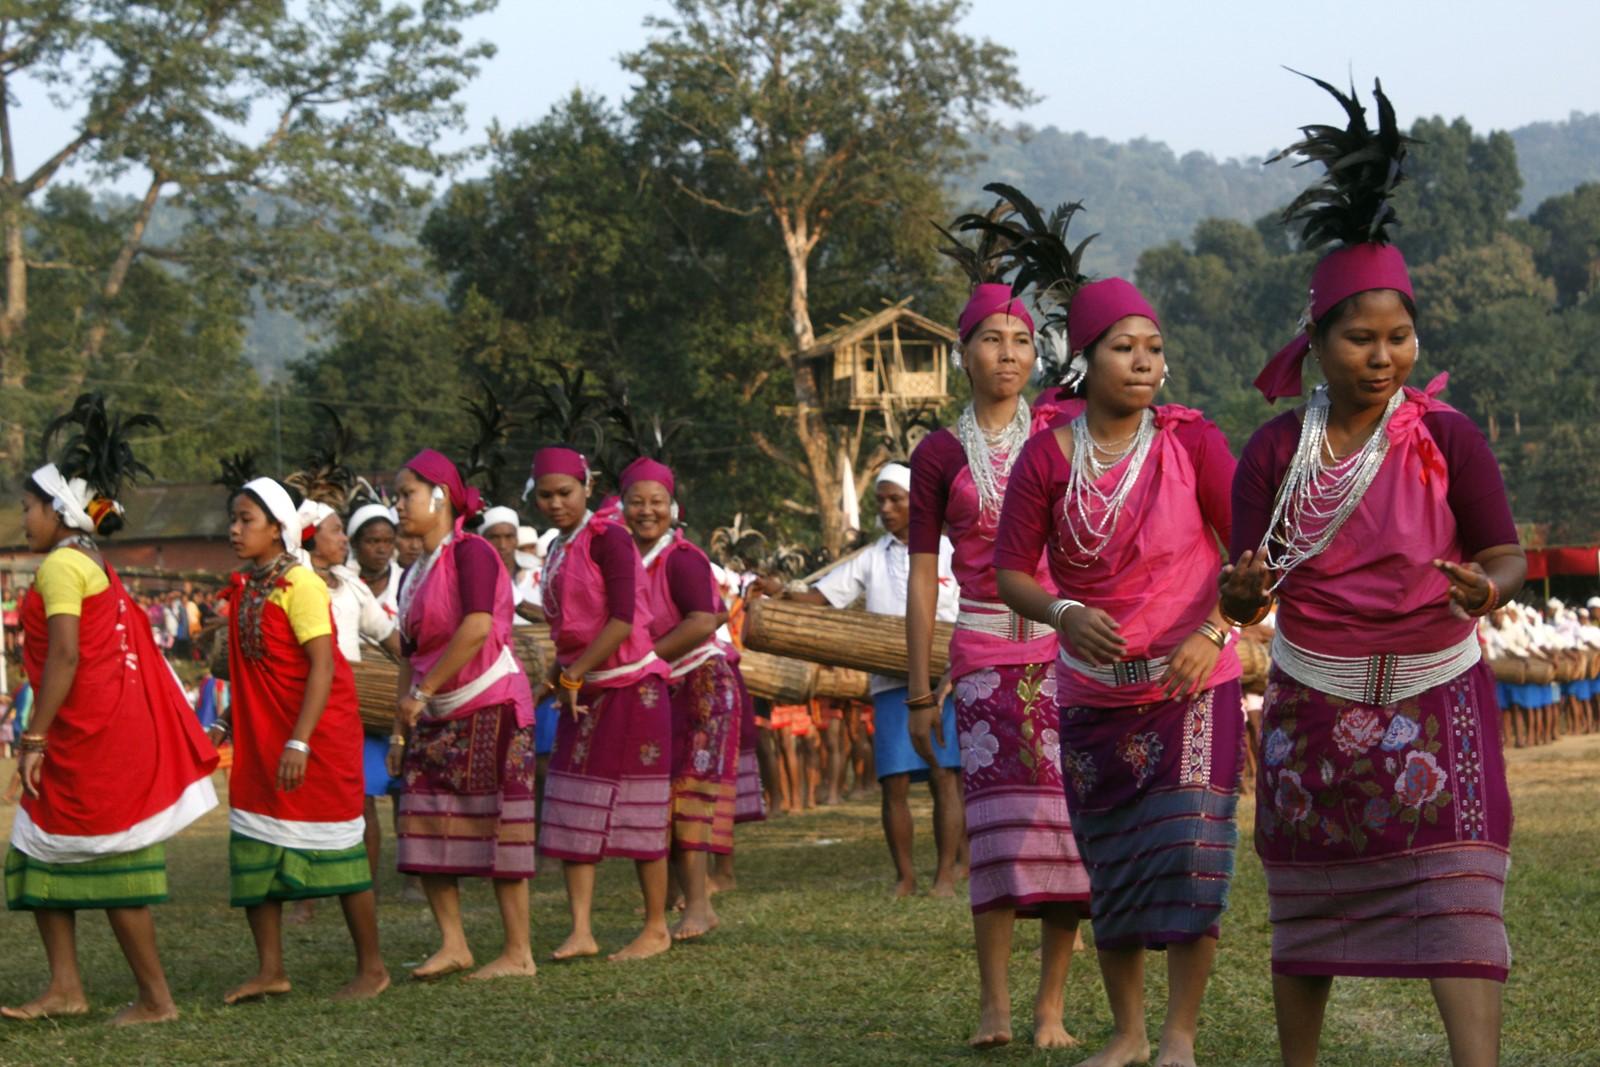 মান্দিরা কেন ওয়ানগালা পালন করে? : সালেক খোকন